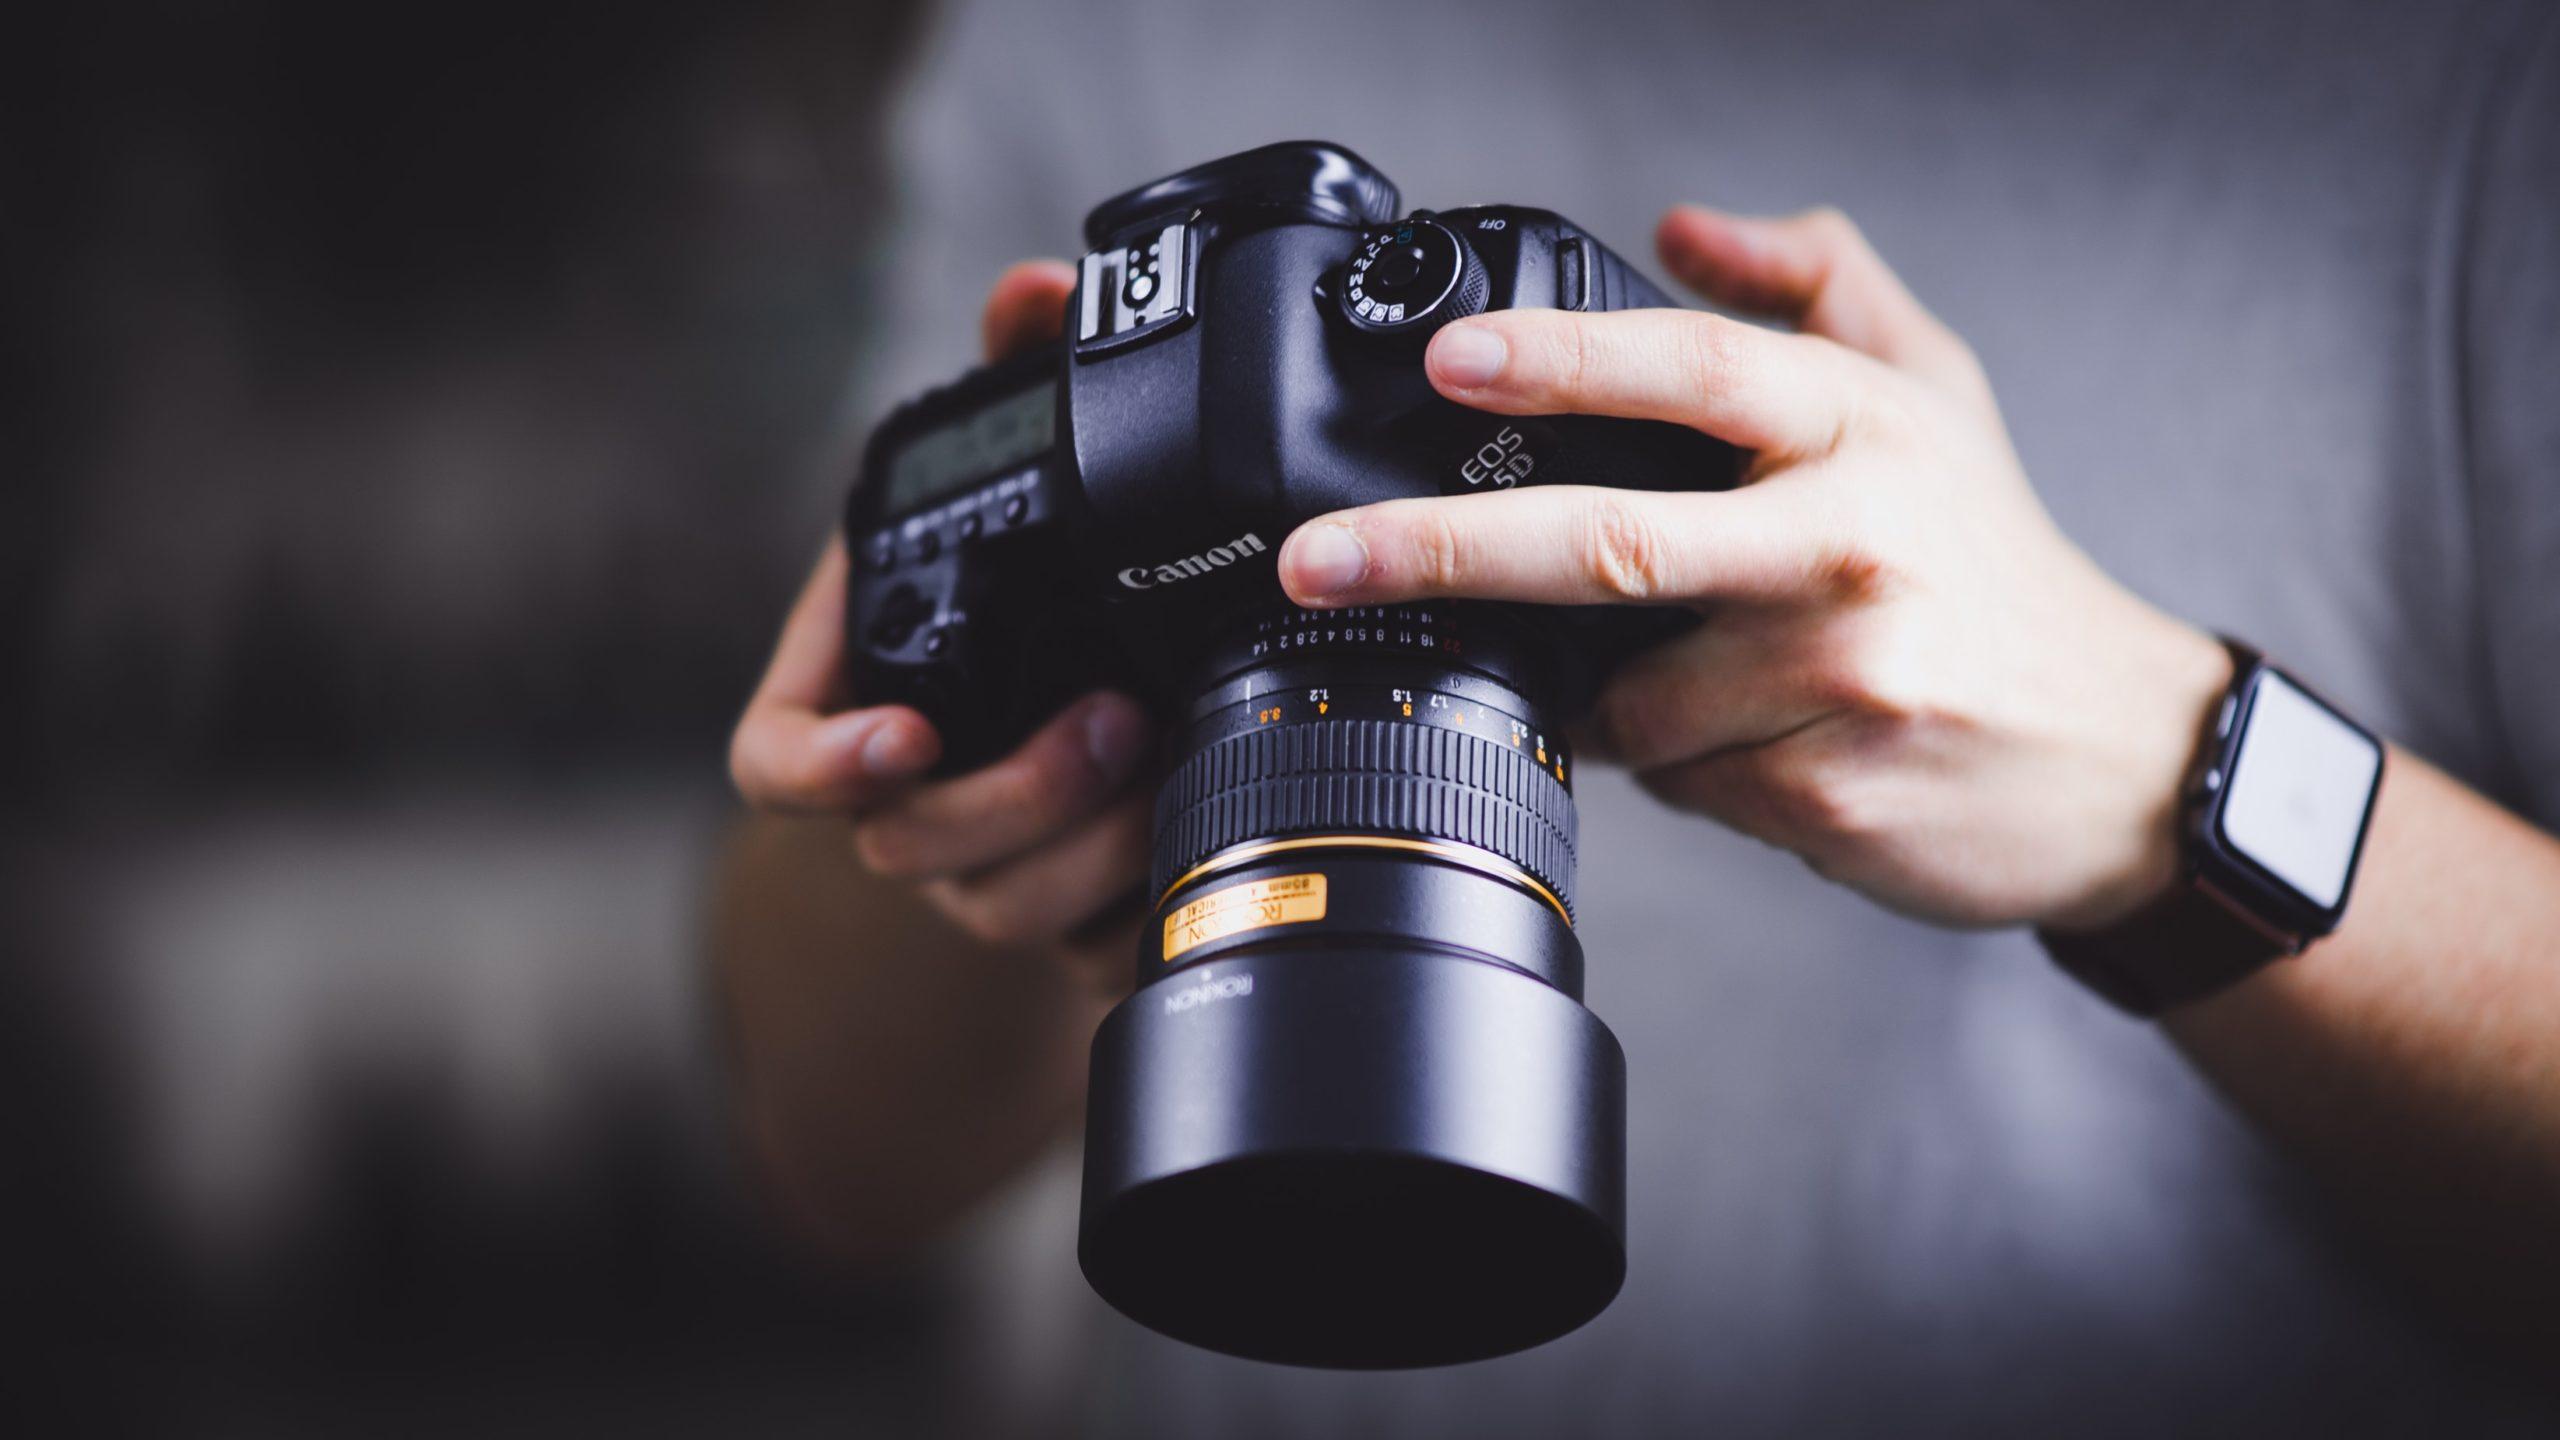 Ein Symbolbild zur Vorbereitung auf ein Fotoshooting